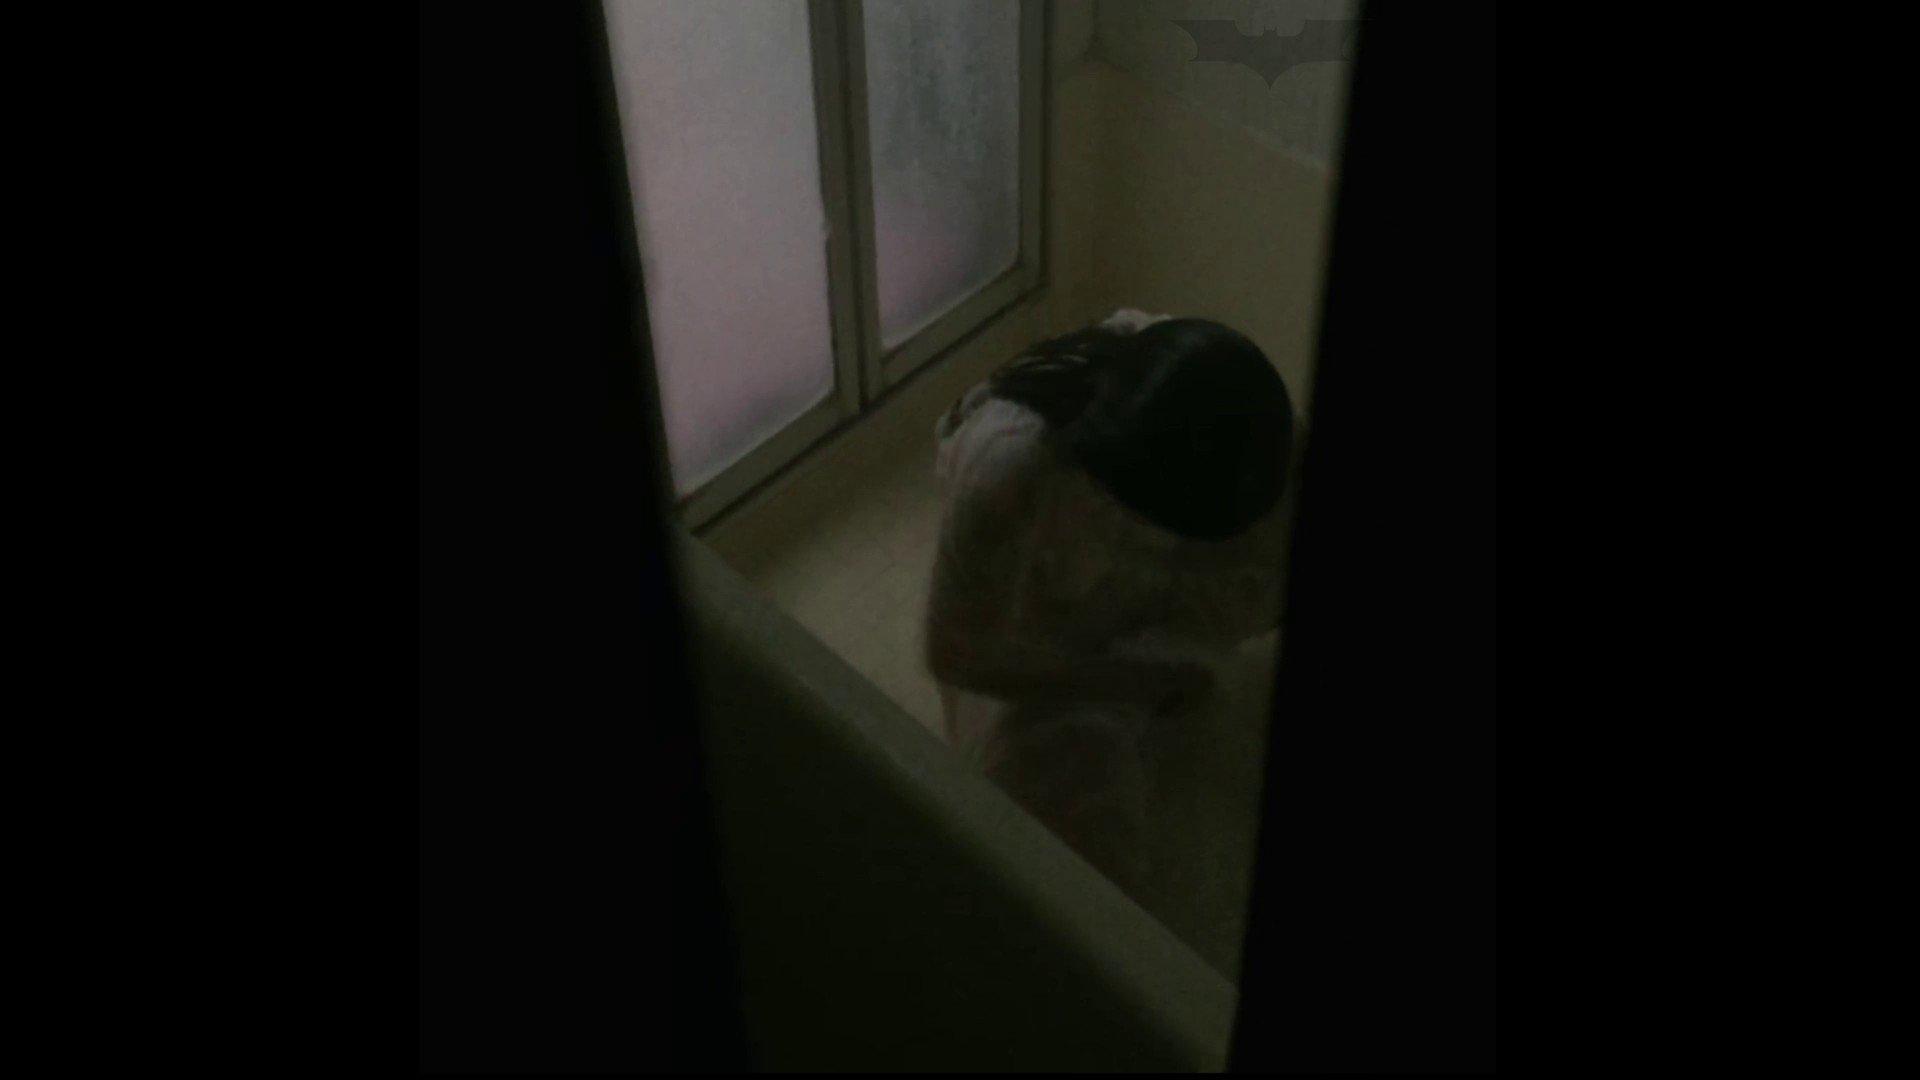 【19位 2016】リアルインパクト盗撮~入浴編 Vol.13 萌える注の入浴 入浴 ワレメ無修正動画無料 106枚 65